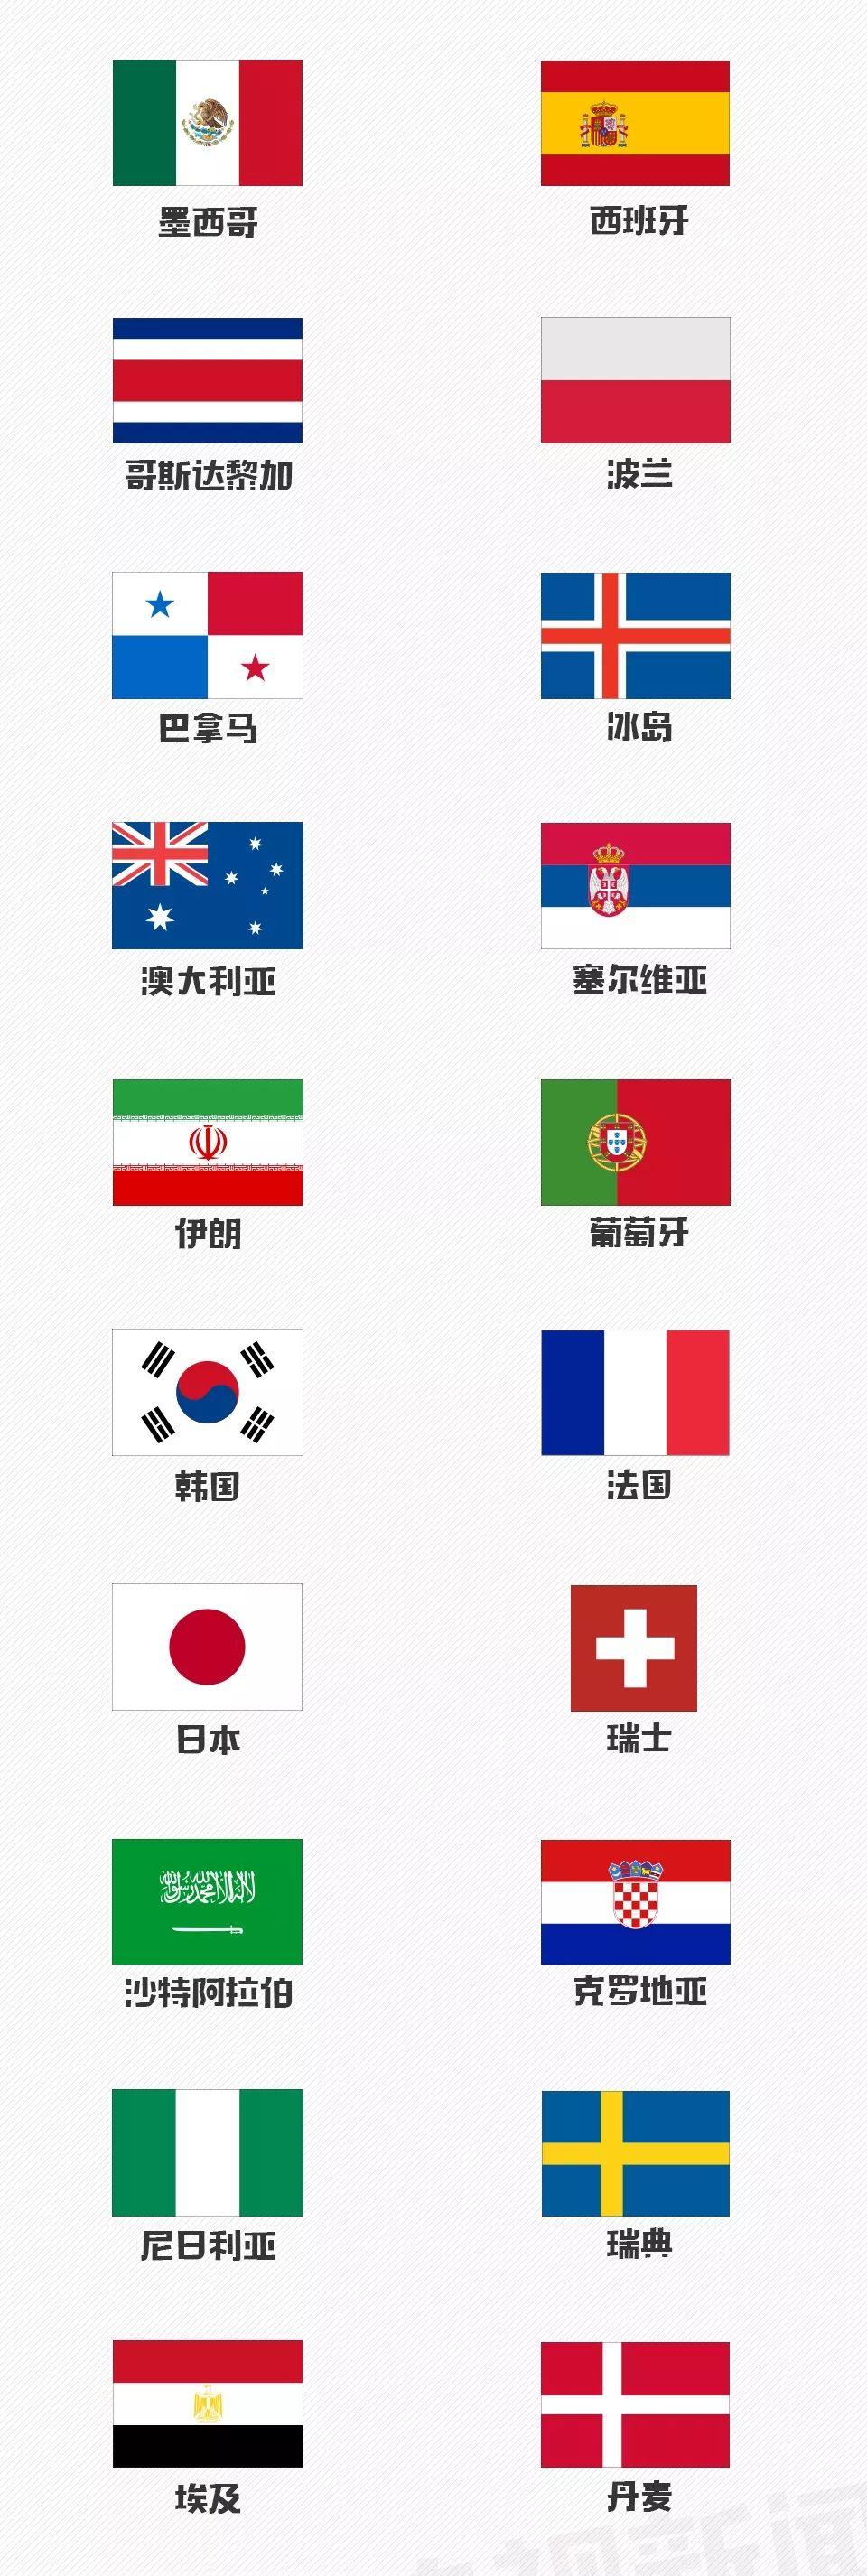 世界杯32强,哪支球队有可能进入死亡之组?